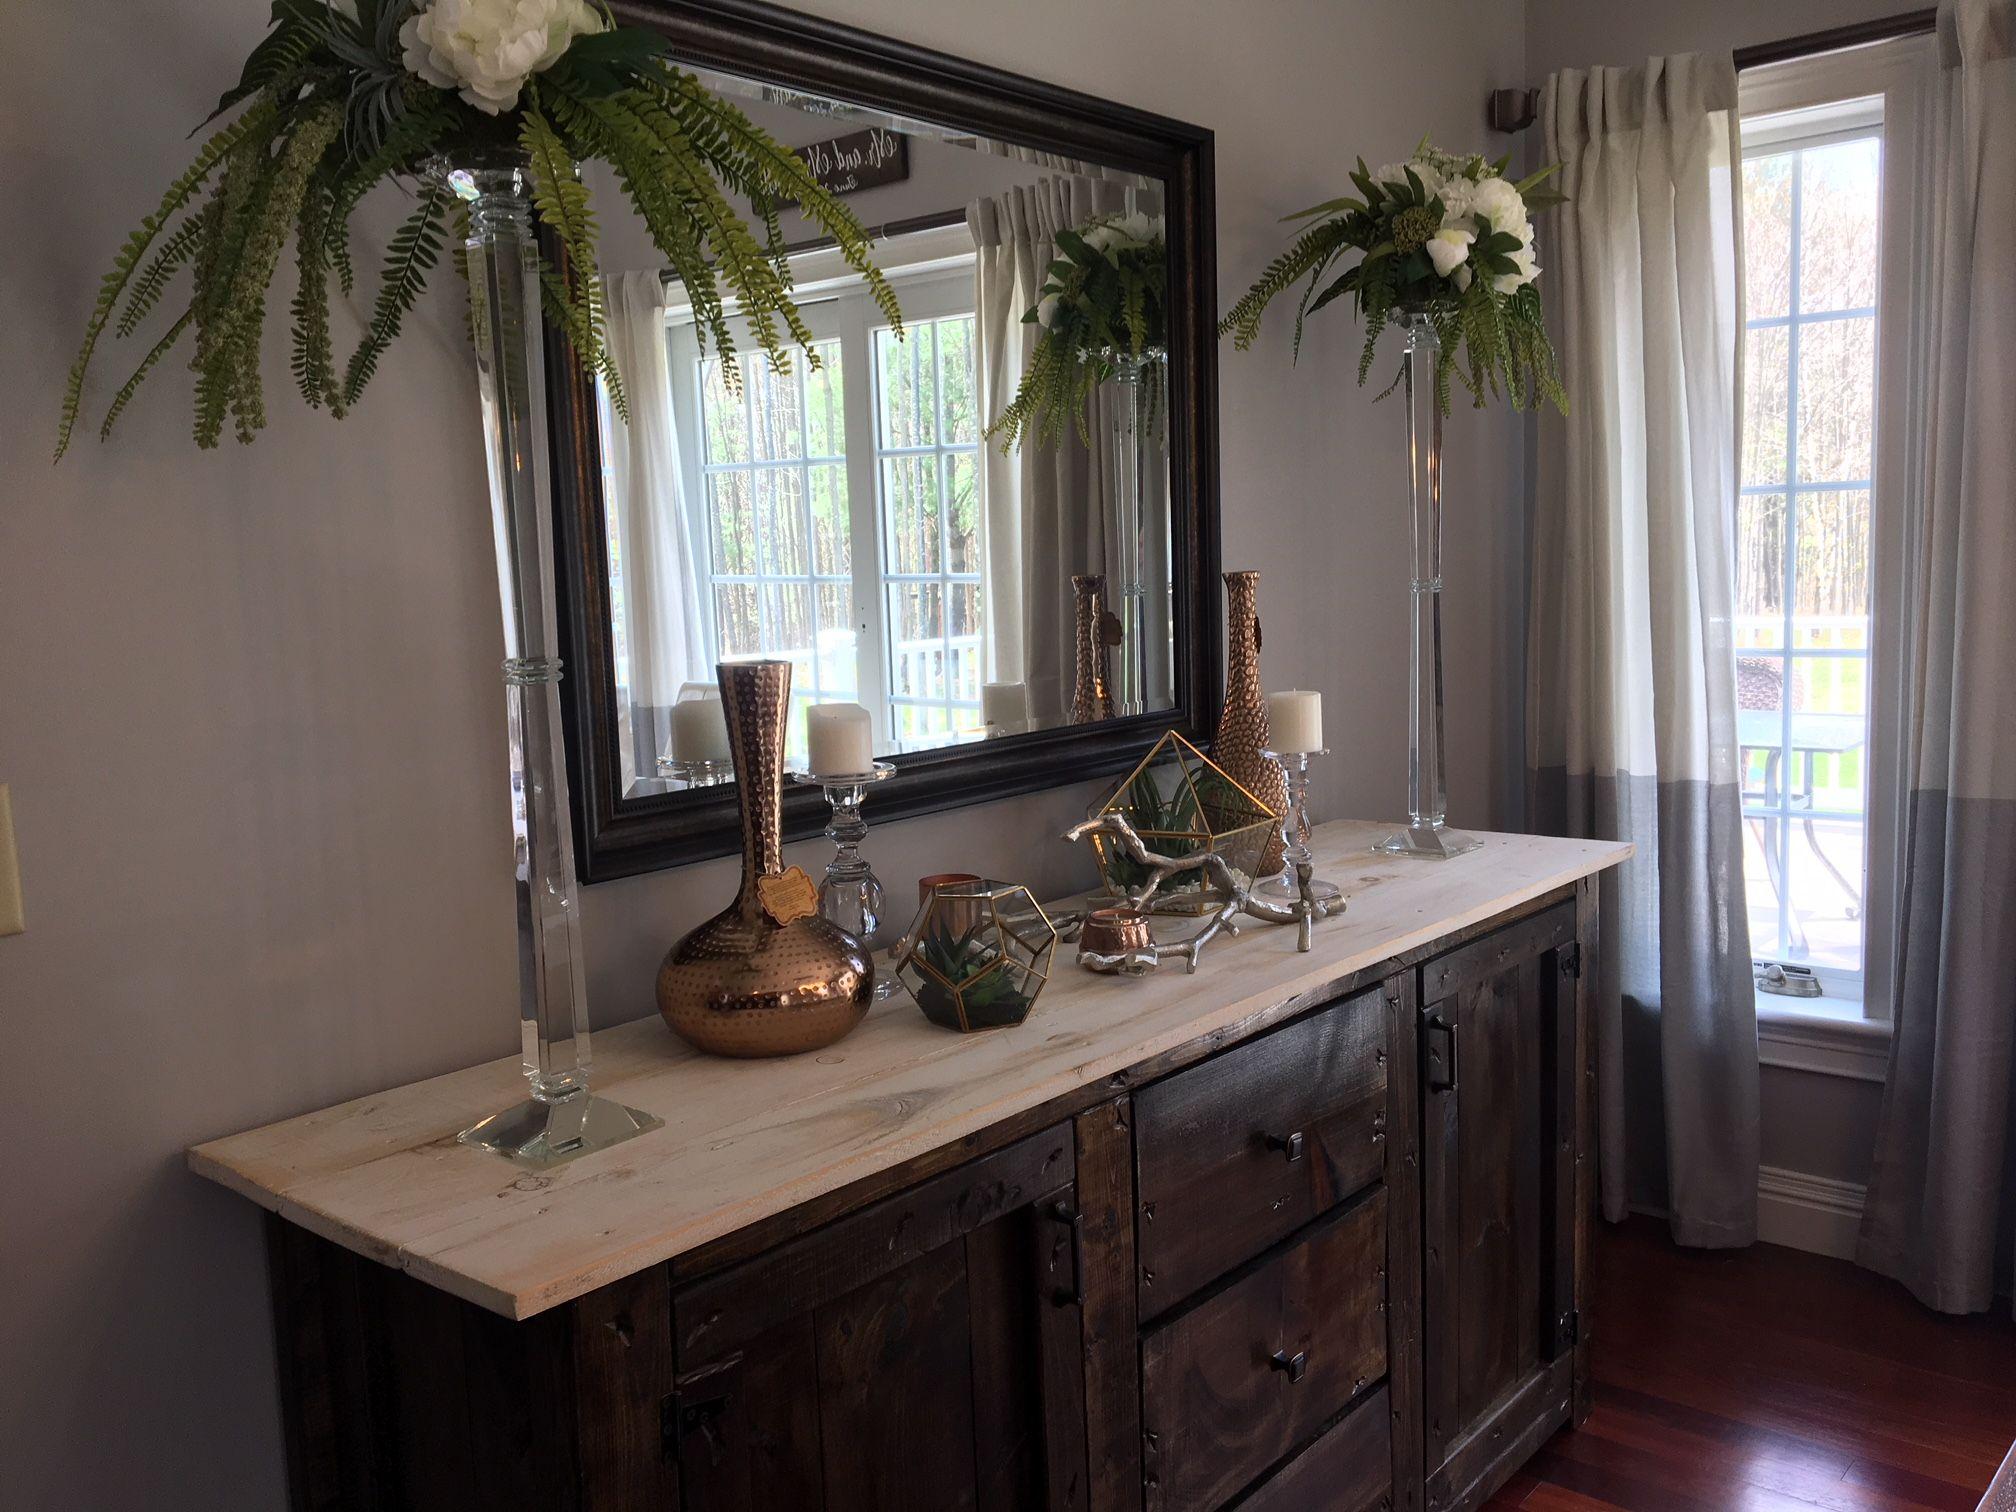 Rustic Elegance Interior Interior Design Residential Interior Design